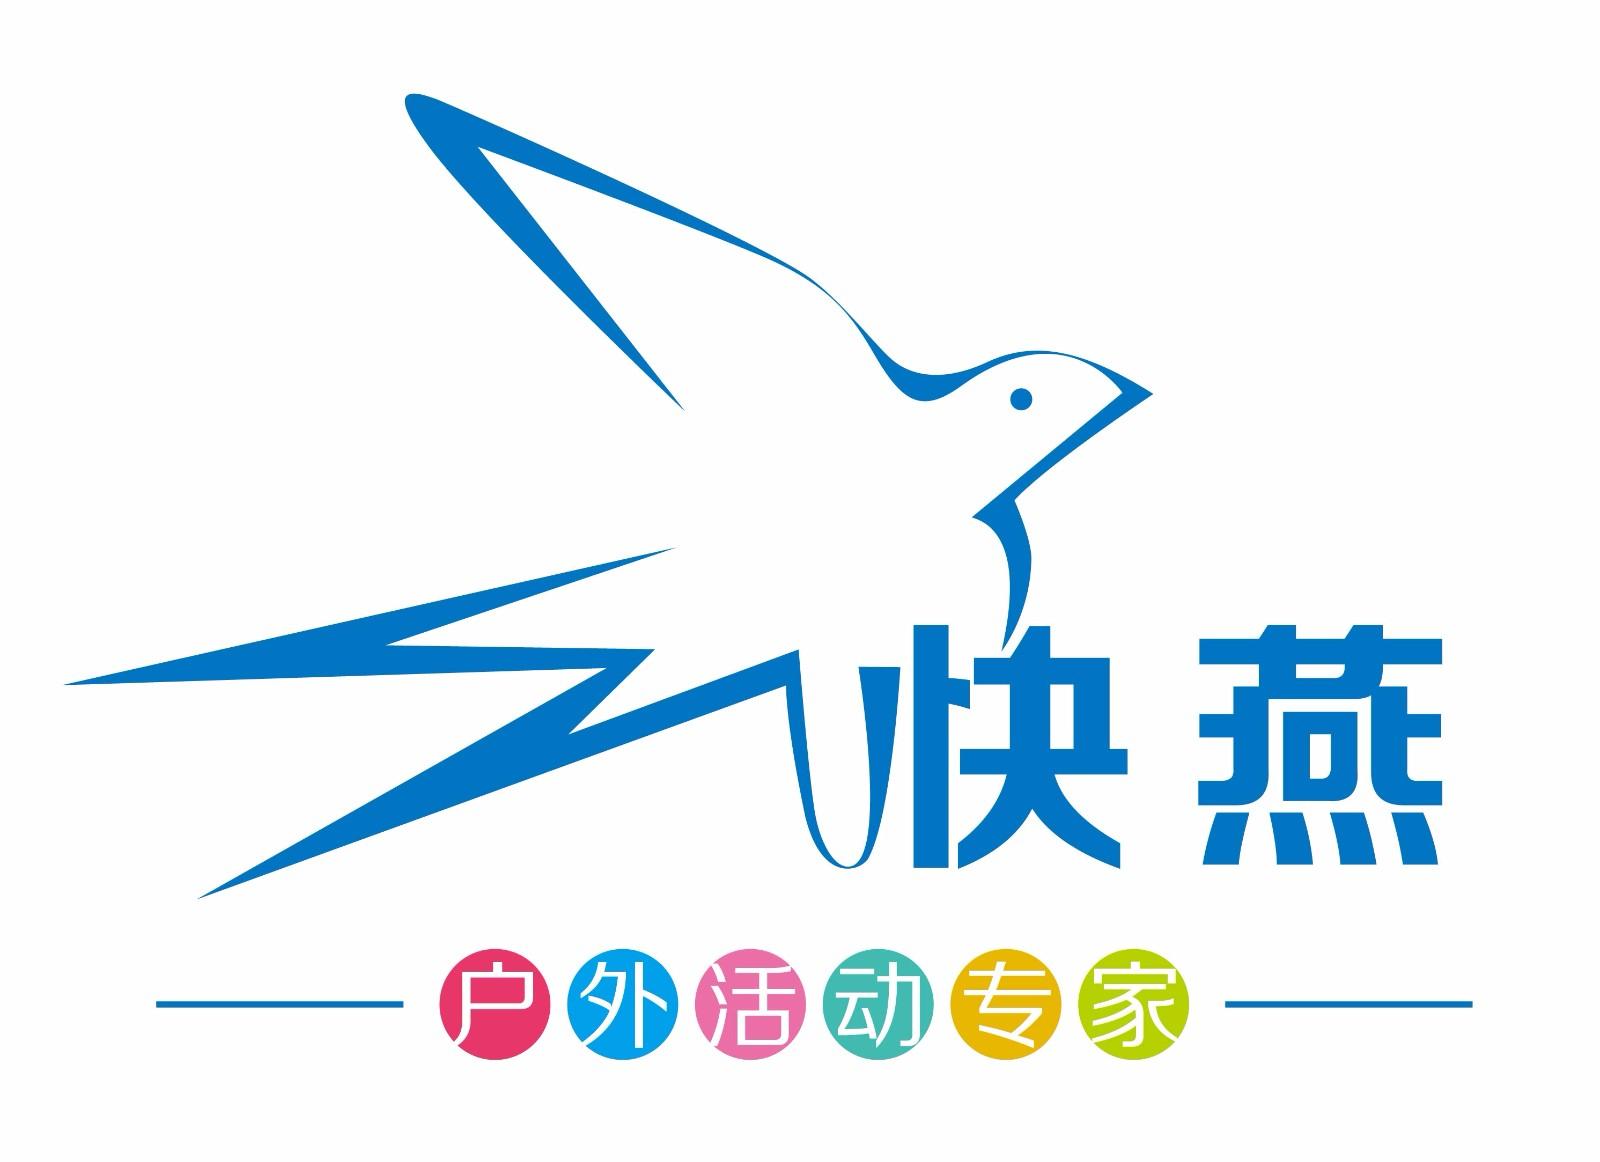 logo logo 标志 设计 矢量 矢量图 素材 图标 1600_1162